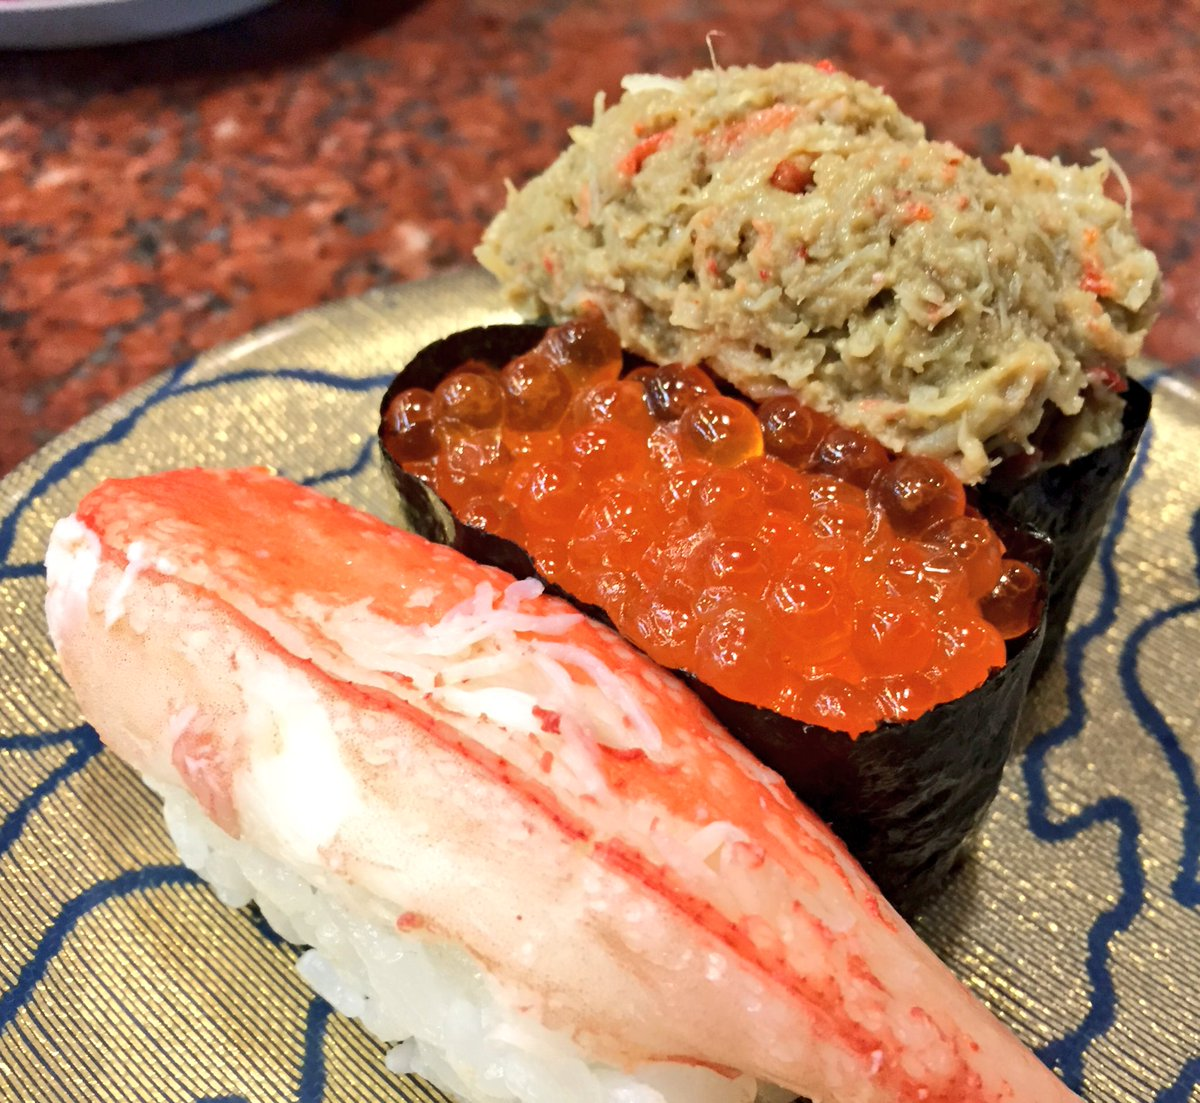 北海道の回転寿司がすごい!いくらがこぼれ落ちてるwww